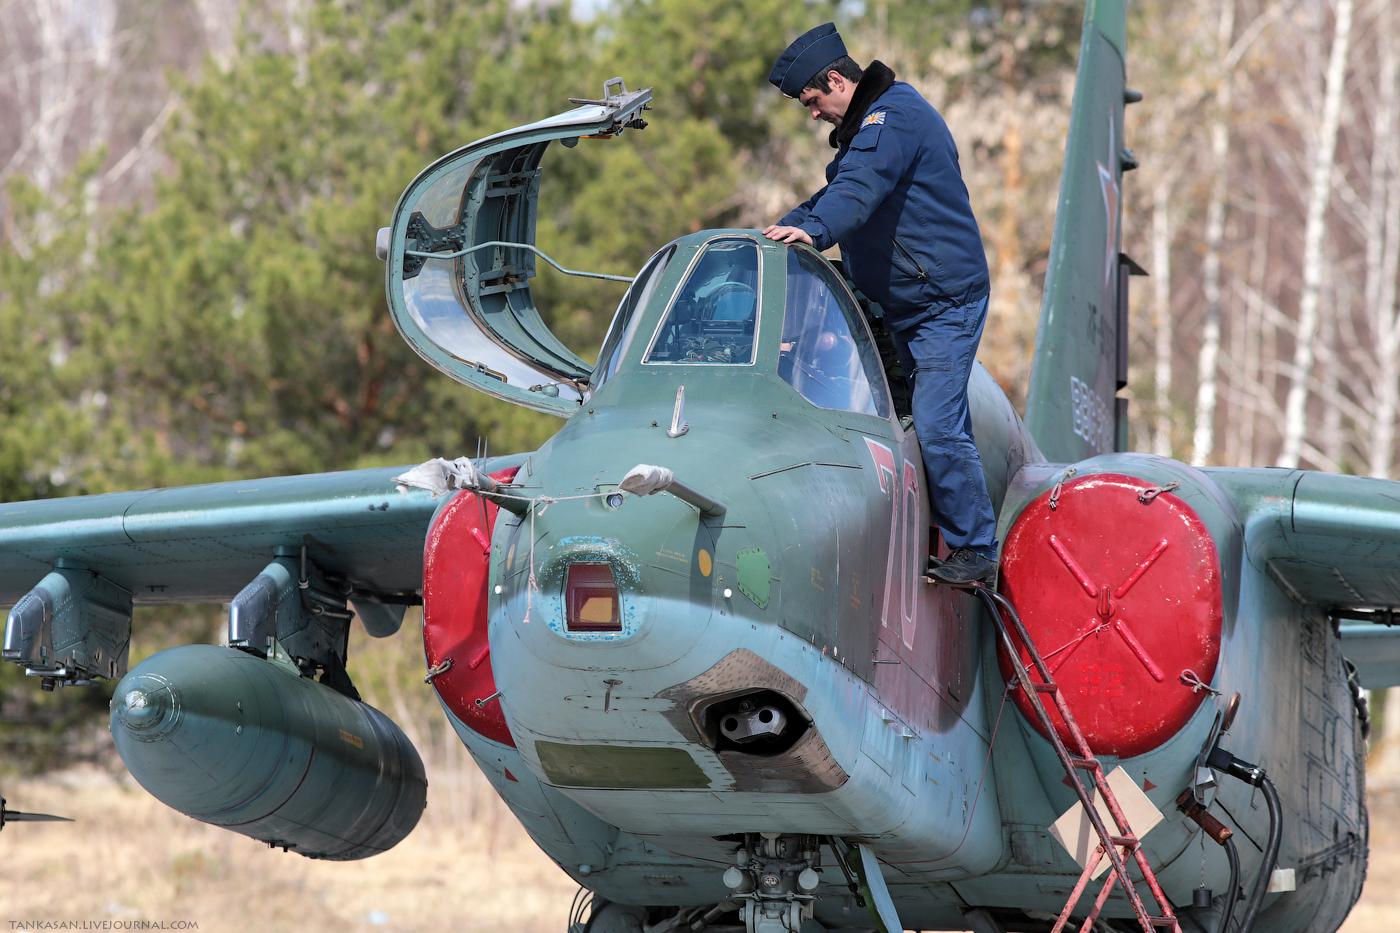 Sukhoi Su-25 Frogfoot - Page 3 0_b98db_f9cd229e_orig